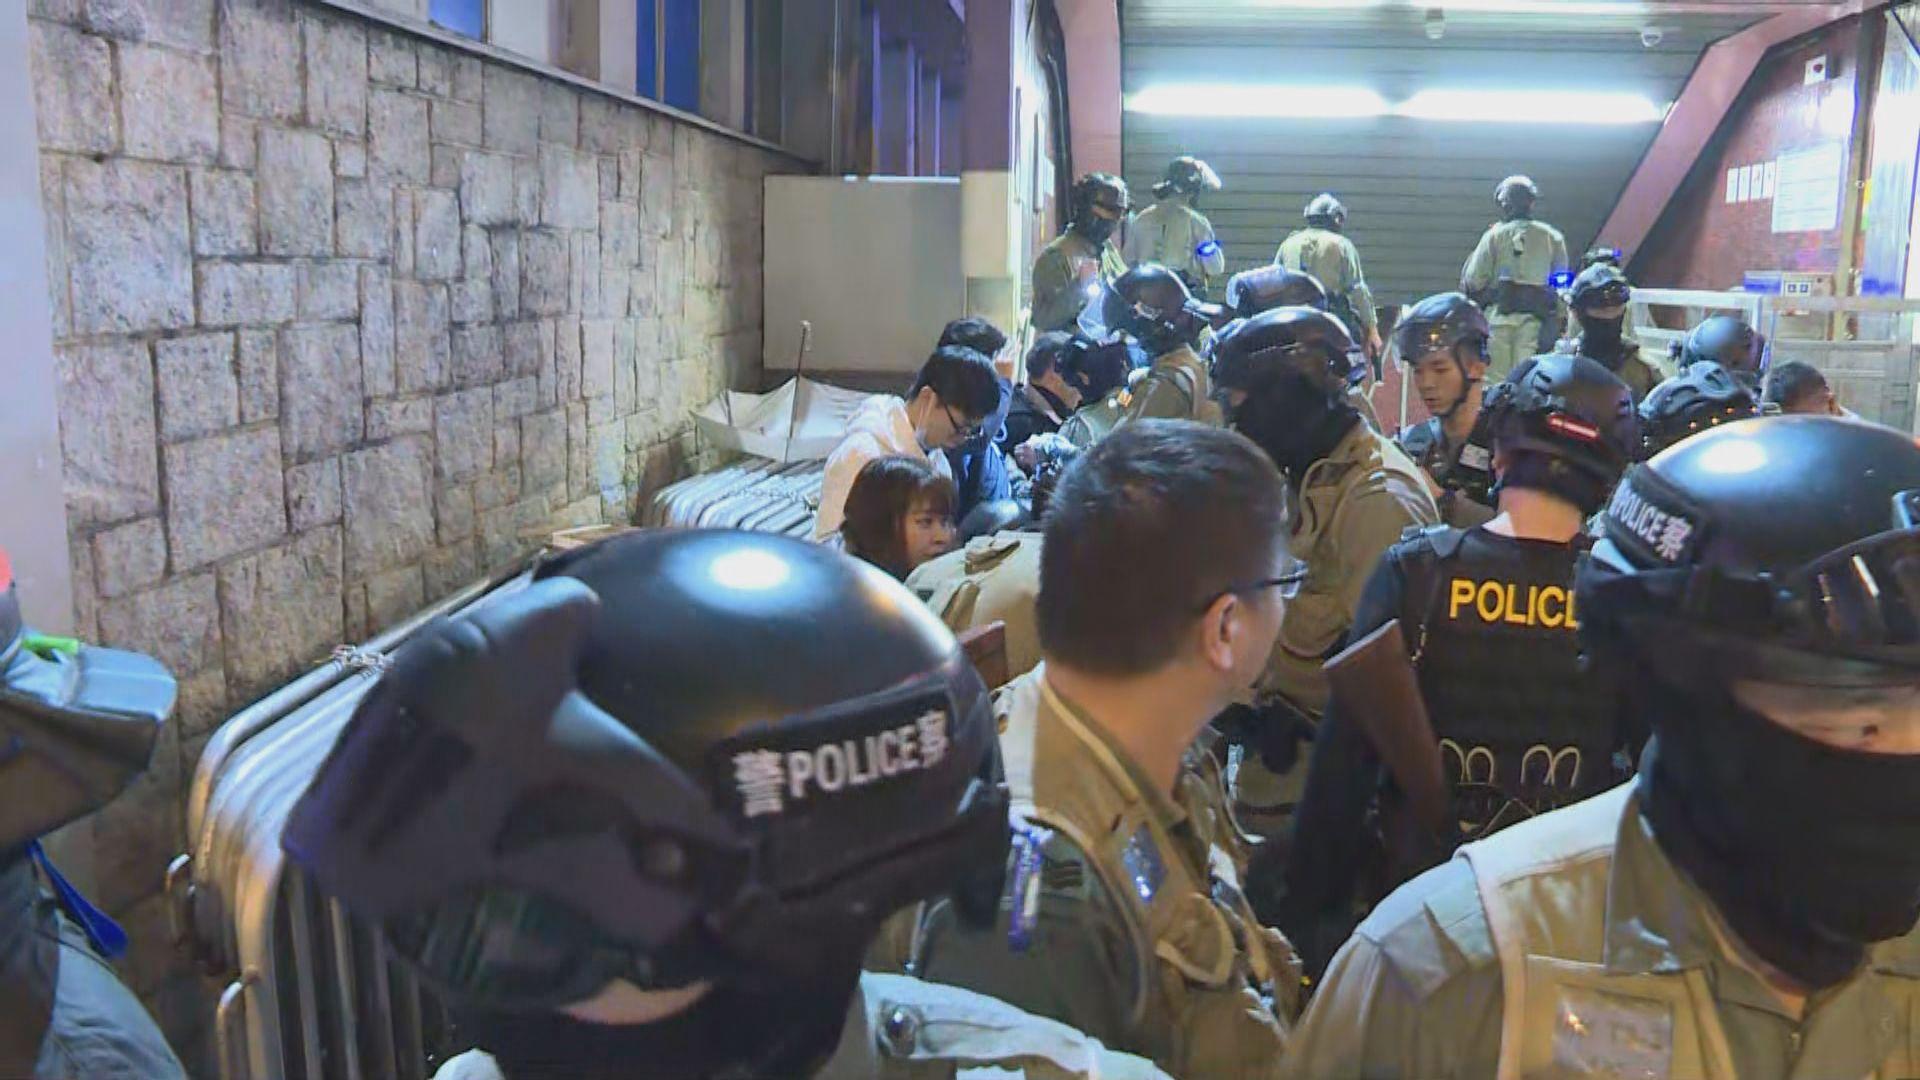 港鐵太子站晚上有人聚集 防暴警出動驅散